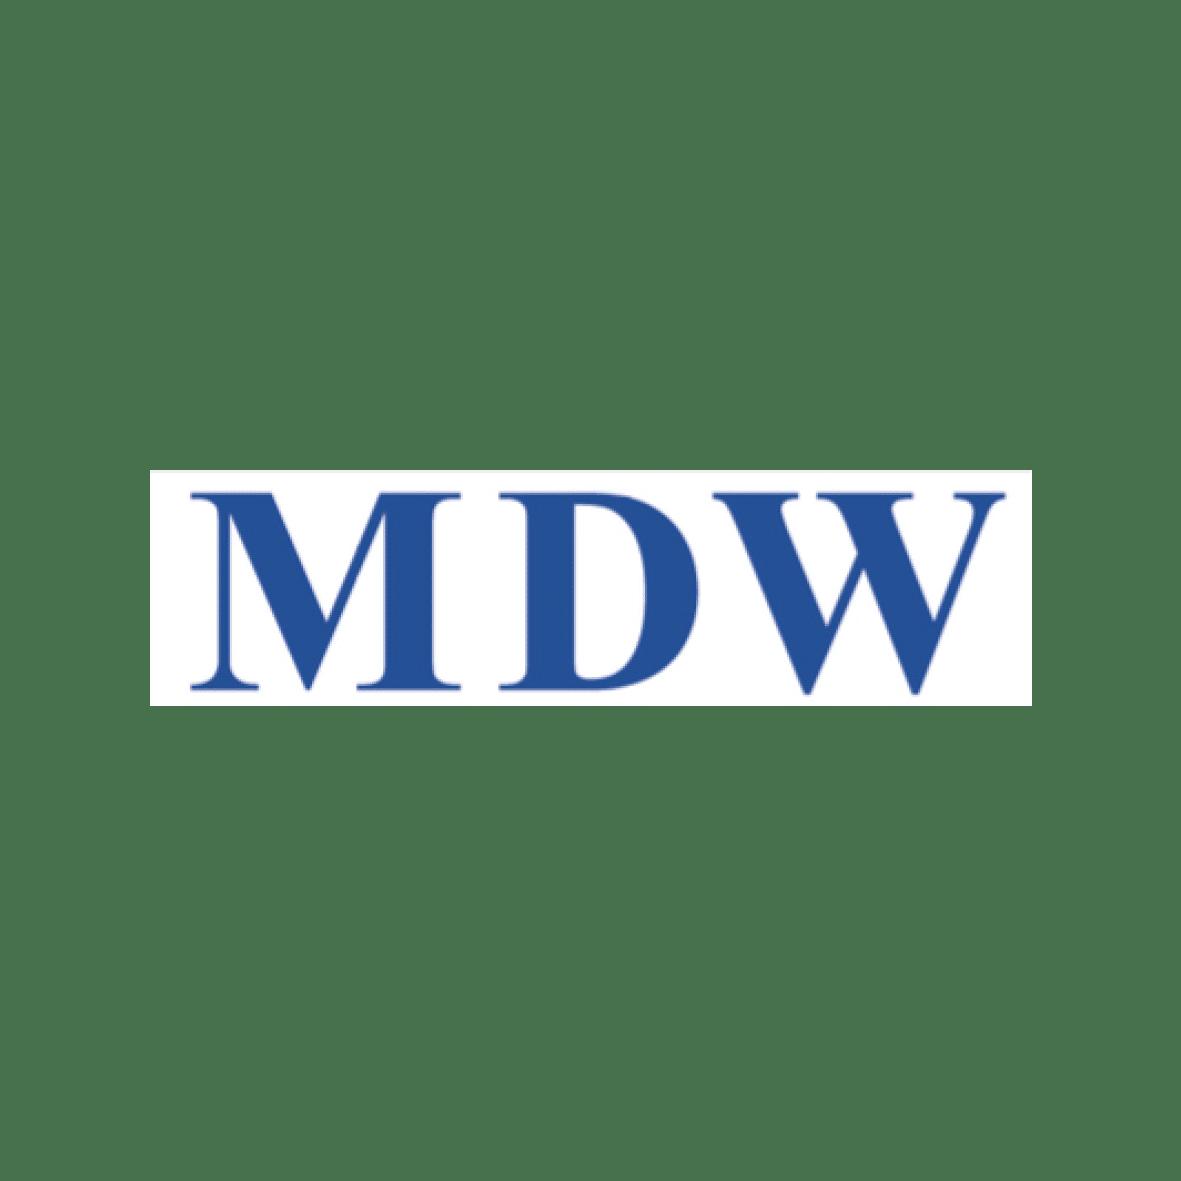 MDW Weischait Gmbh